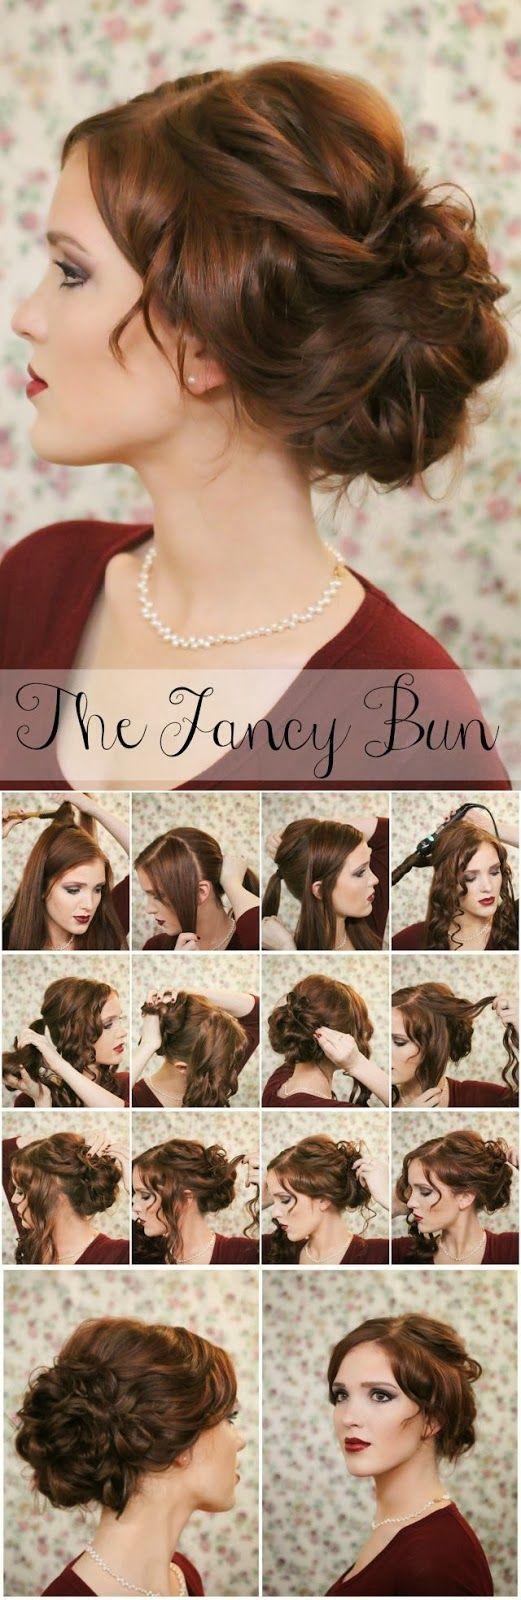 Прическа для свадьбы на короткие волосы пошагово